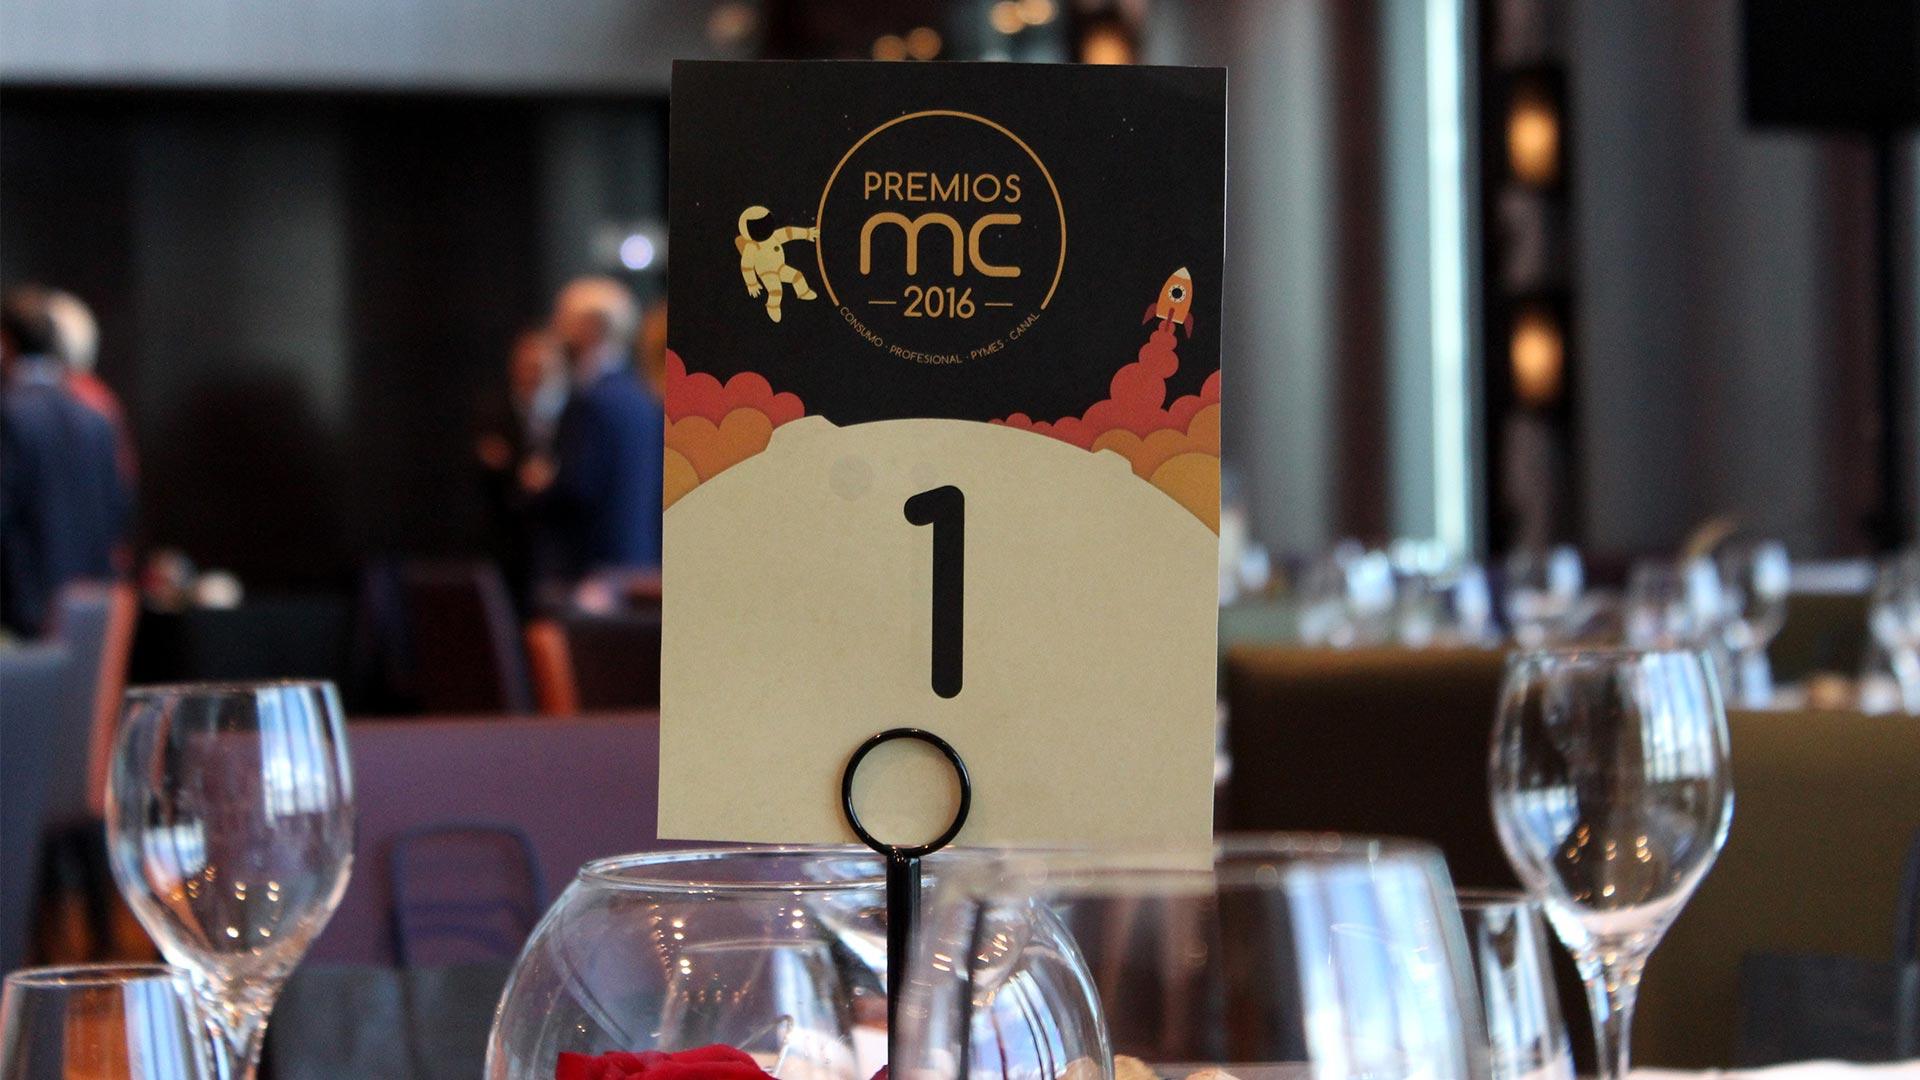 premiosmc2016-mesa-decoracion